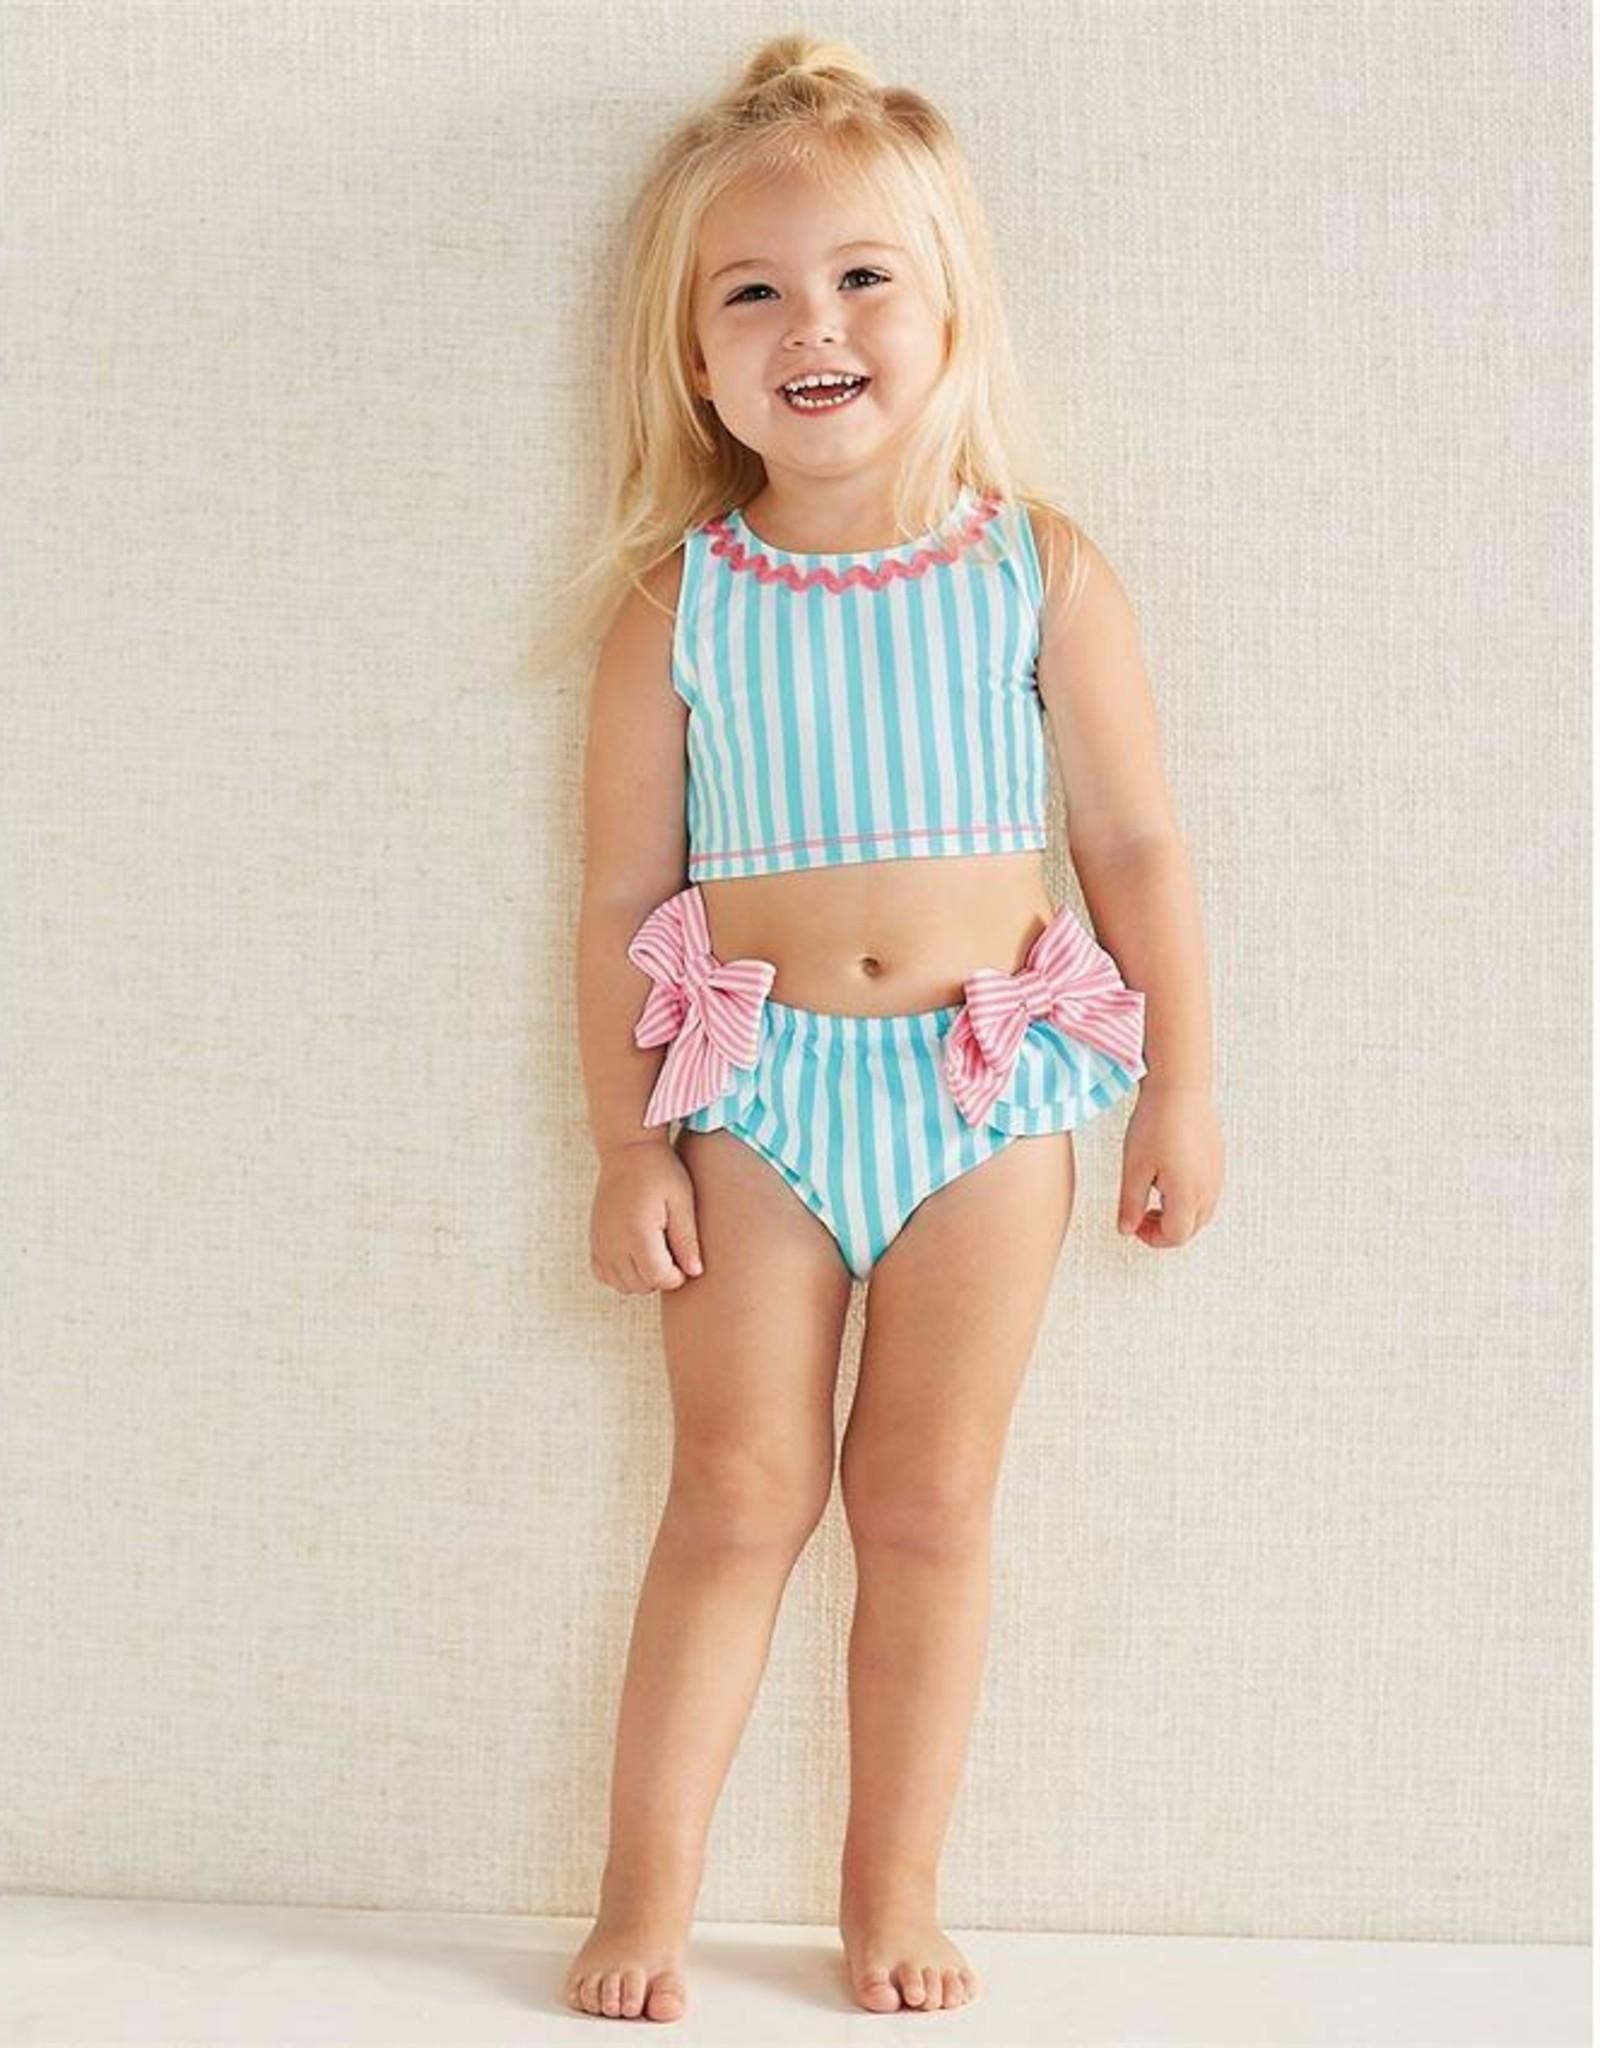 Mud Pie Aqua Stripe & Pink Bows 2 pc swimsuit